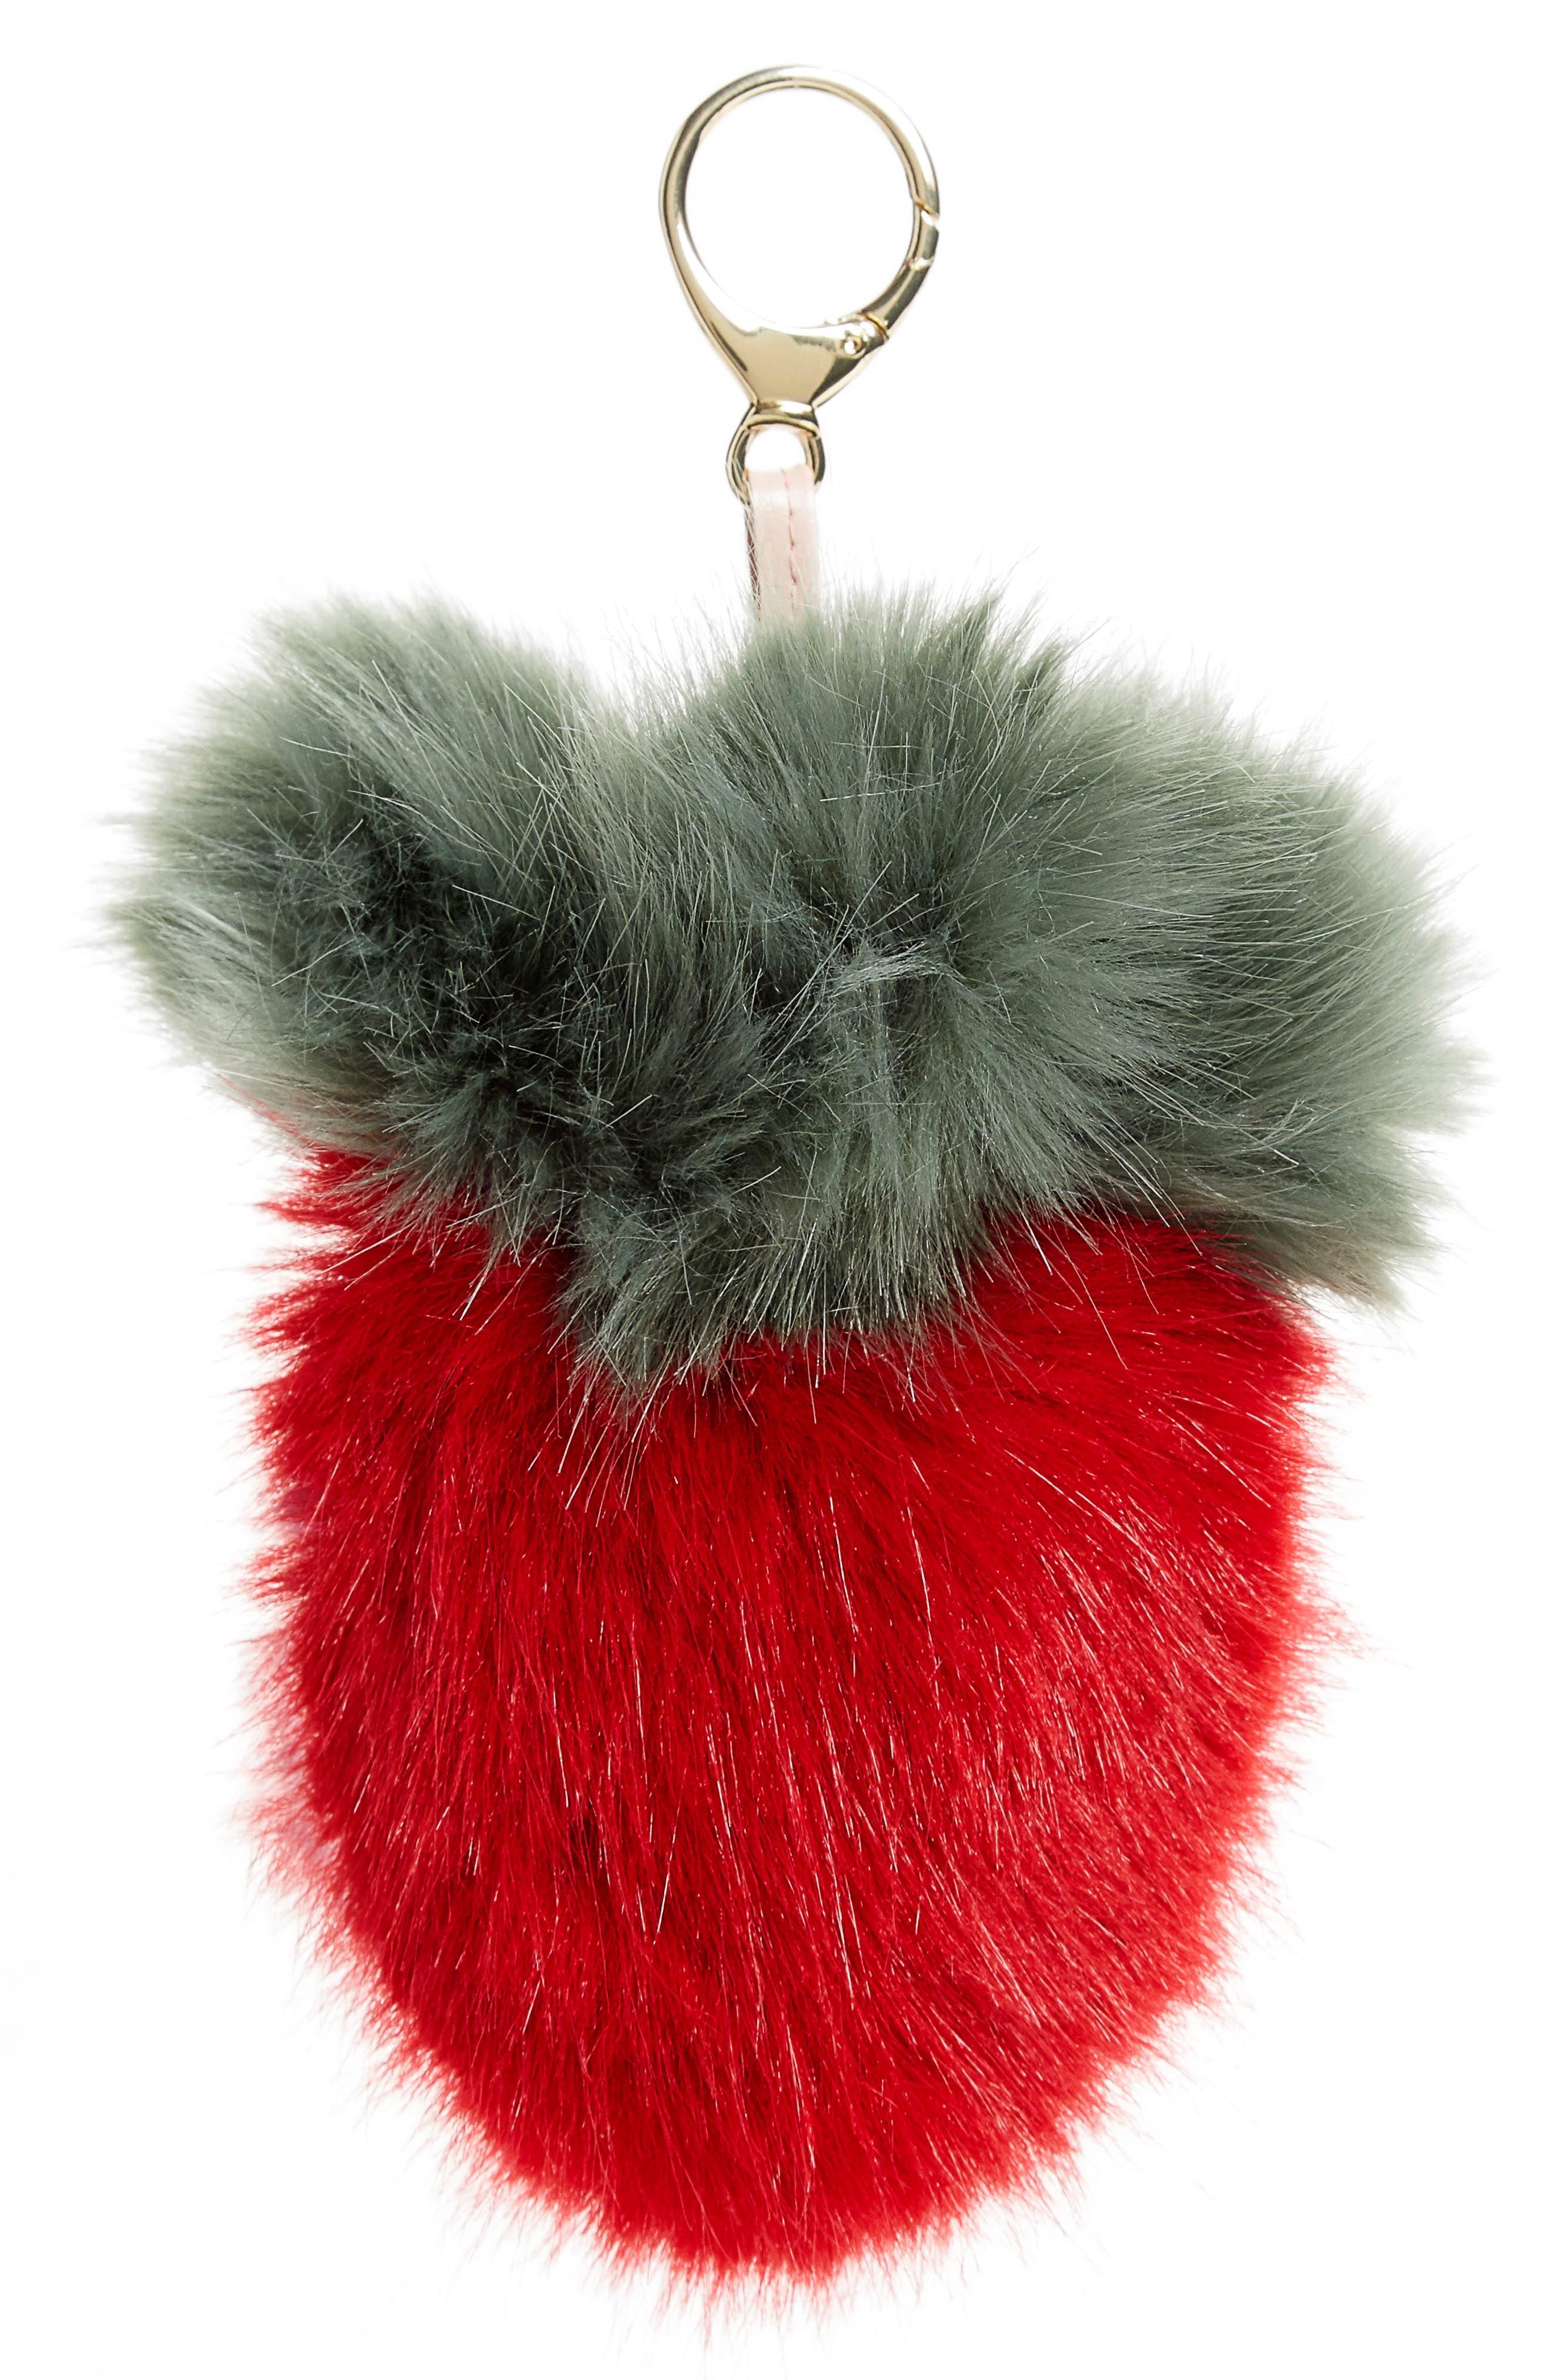 Main Image - Shrimps Strawberry Faux Fur Bag Charm